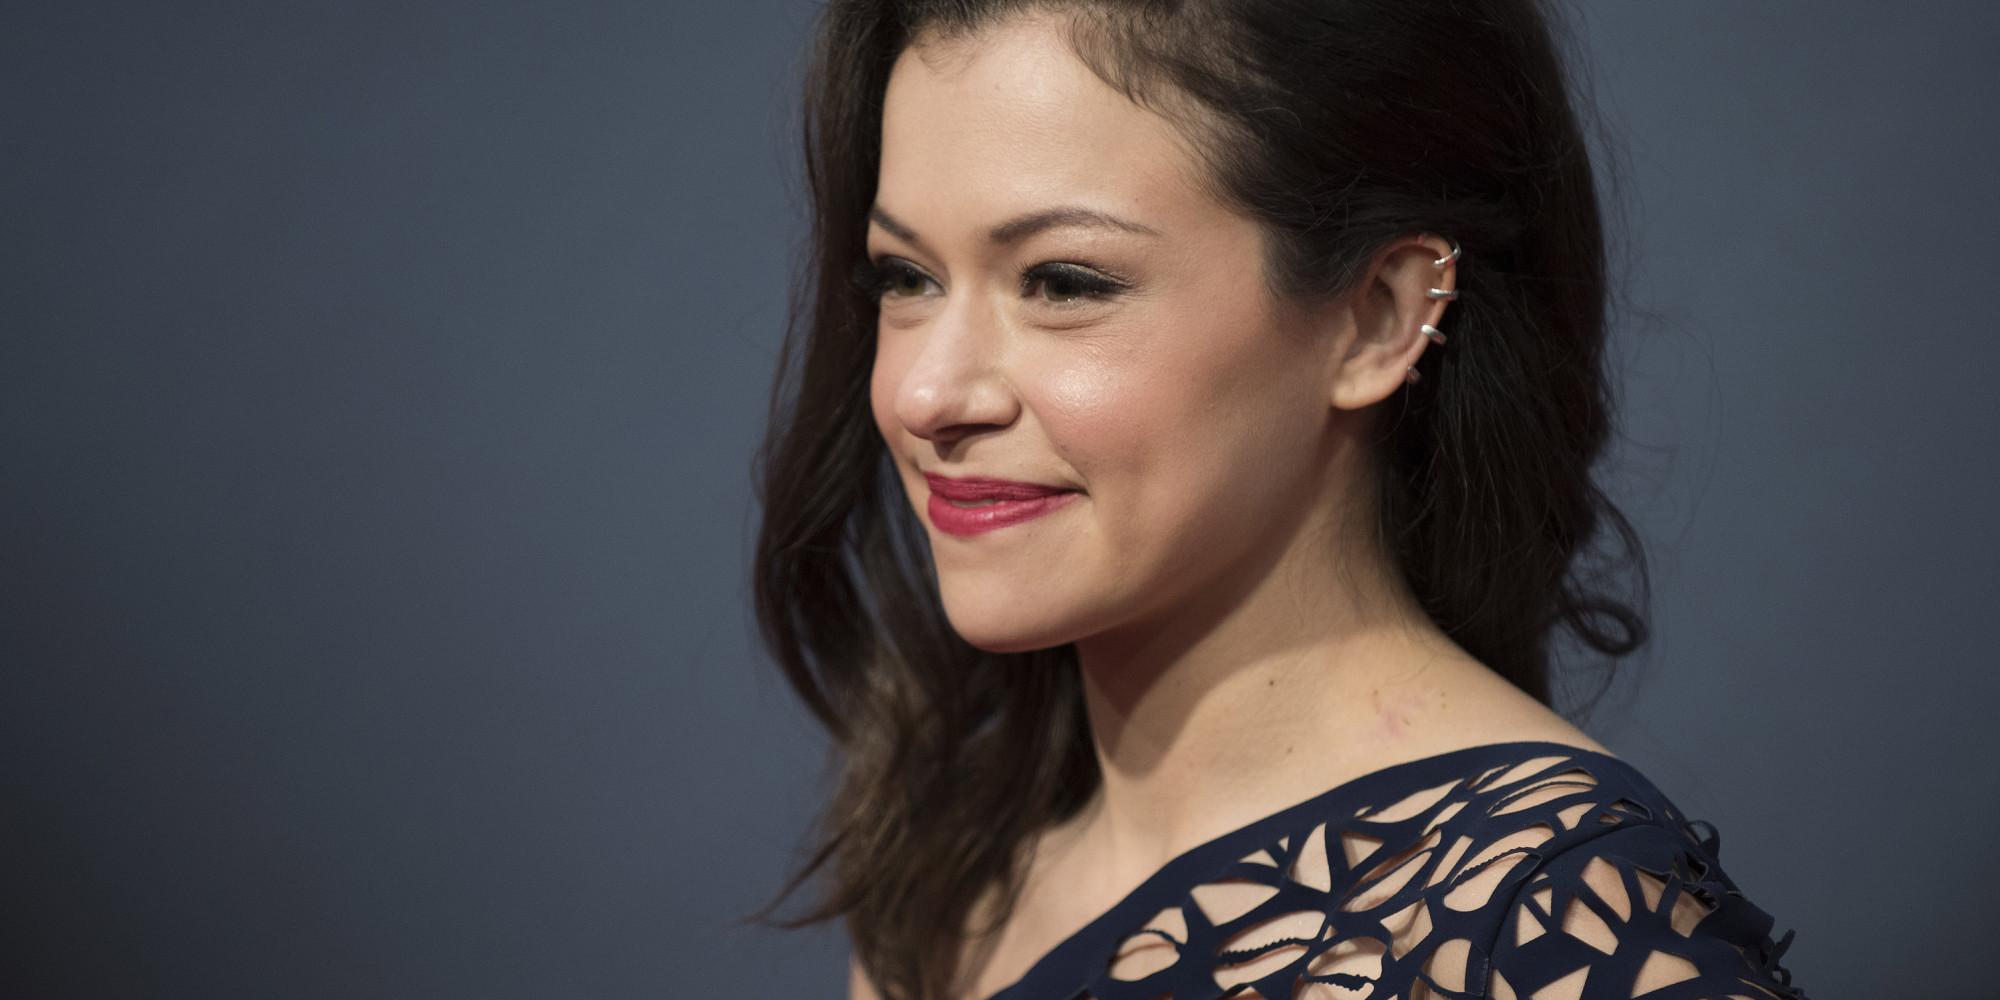 """Tatiana Maslany, Evan Peters e Kate Mara estarão em nova série de Ryan Murphy: """"Pose"""""""